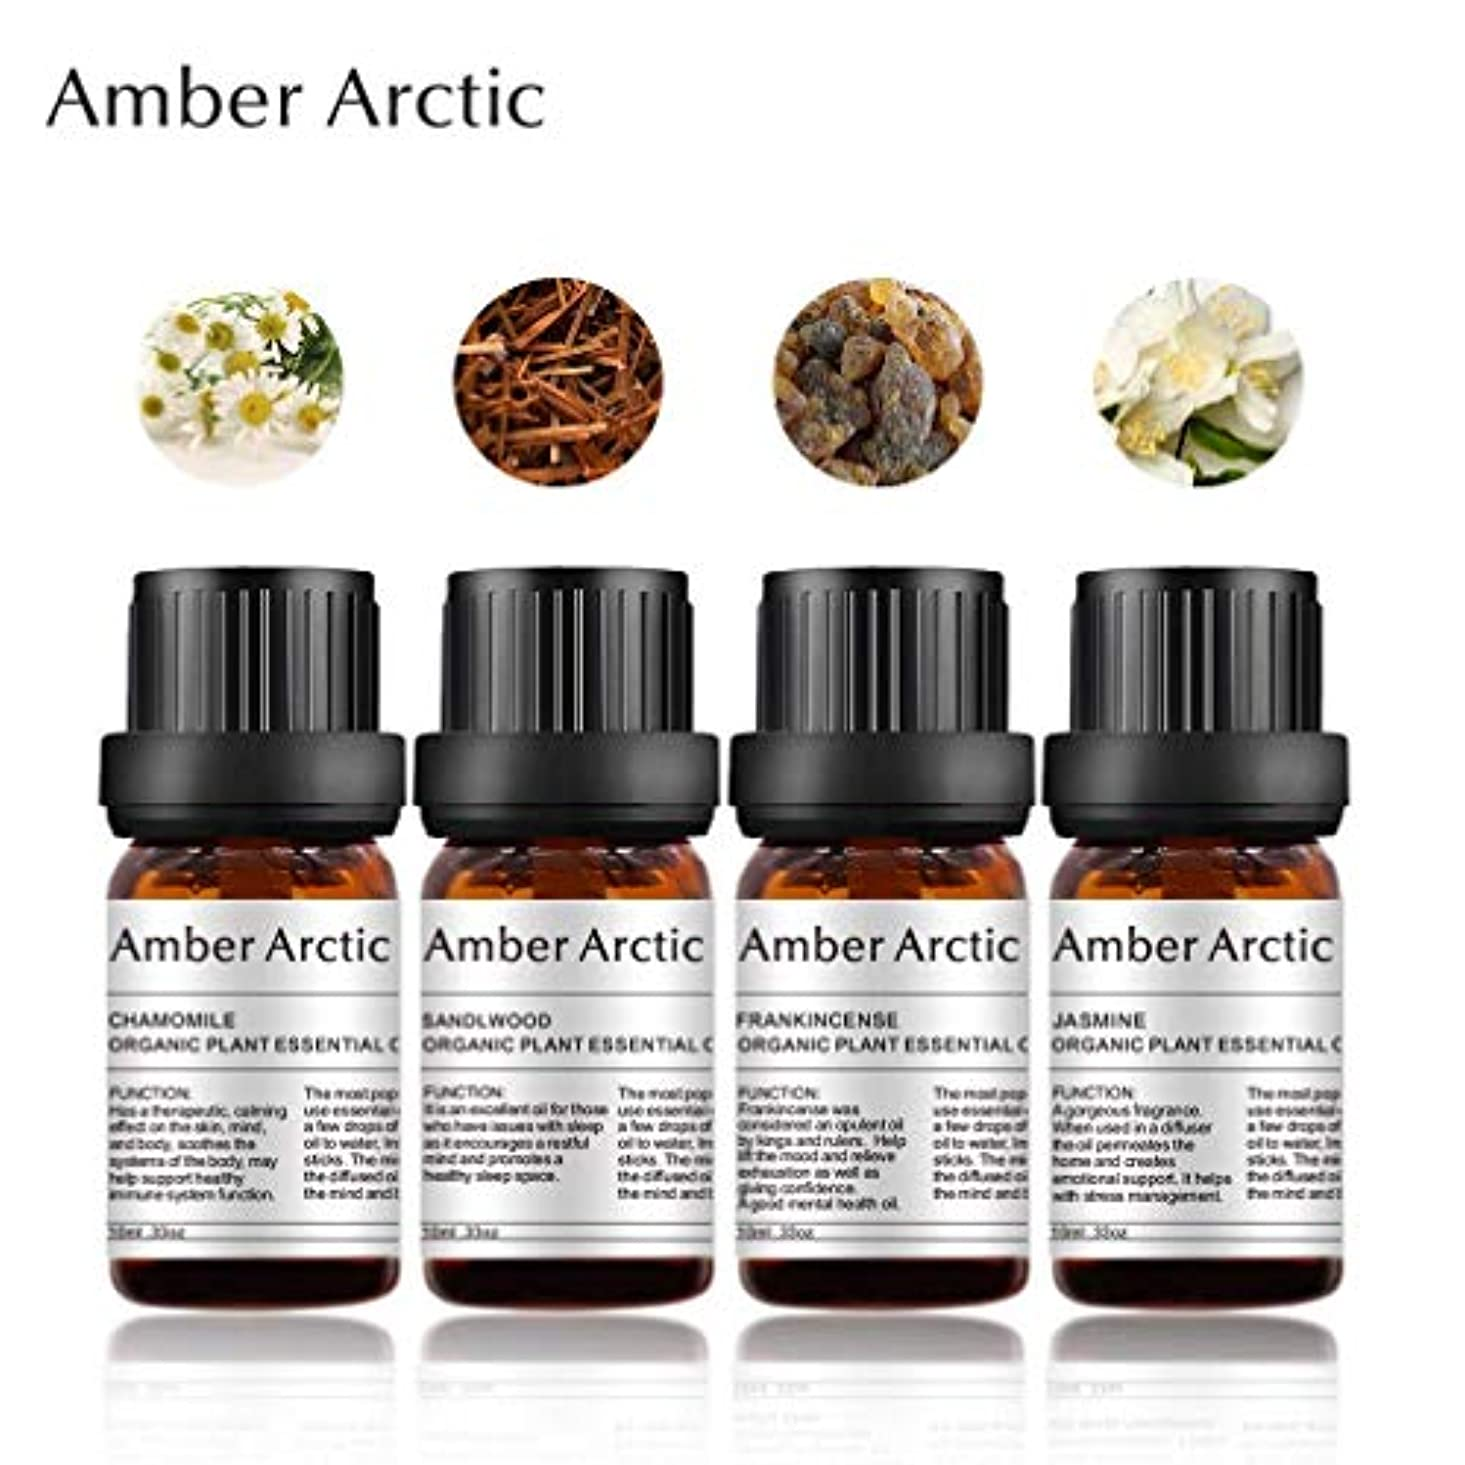 電話に出る夢傘Amber Arctic 4 パック 精油 セット、 100% 純粋 天然 アロマ 最良 治療 グレード エッセンシャル オイル (ジャスミン、 カモミール、 サンダルウッド、 フランキンセンス)